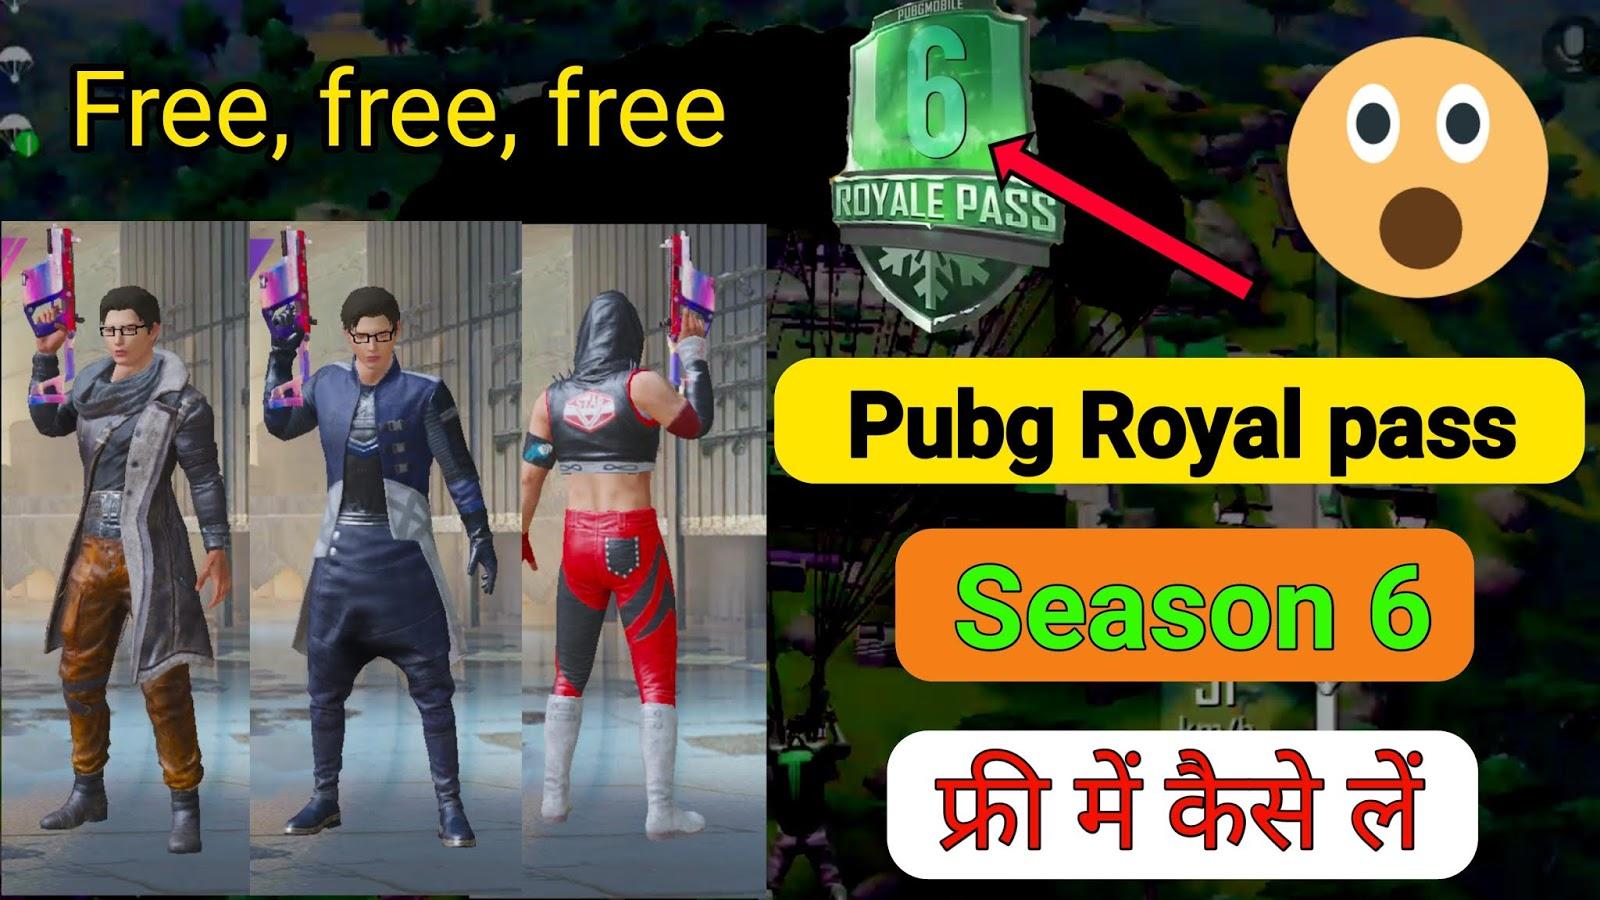 Pubg Mobile Royale Pass Season 6 Wallpaper - Pubg Mobile